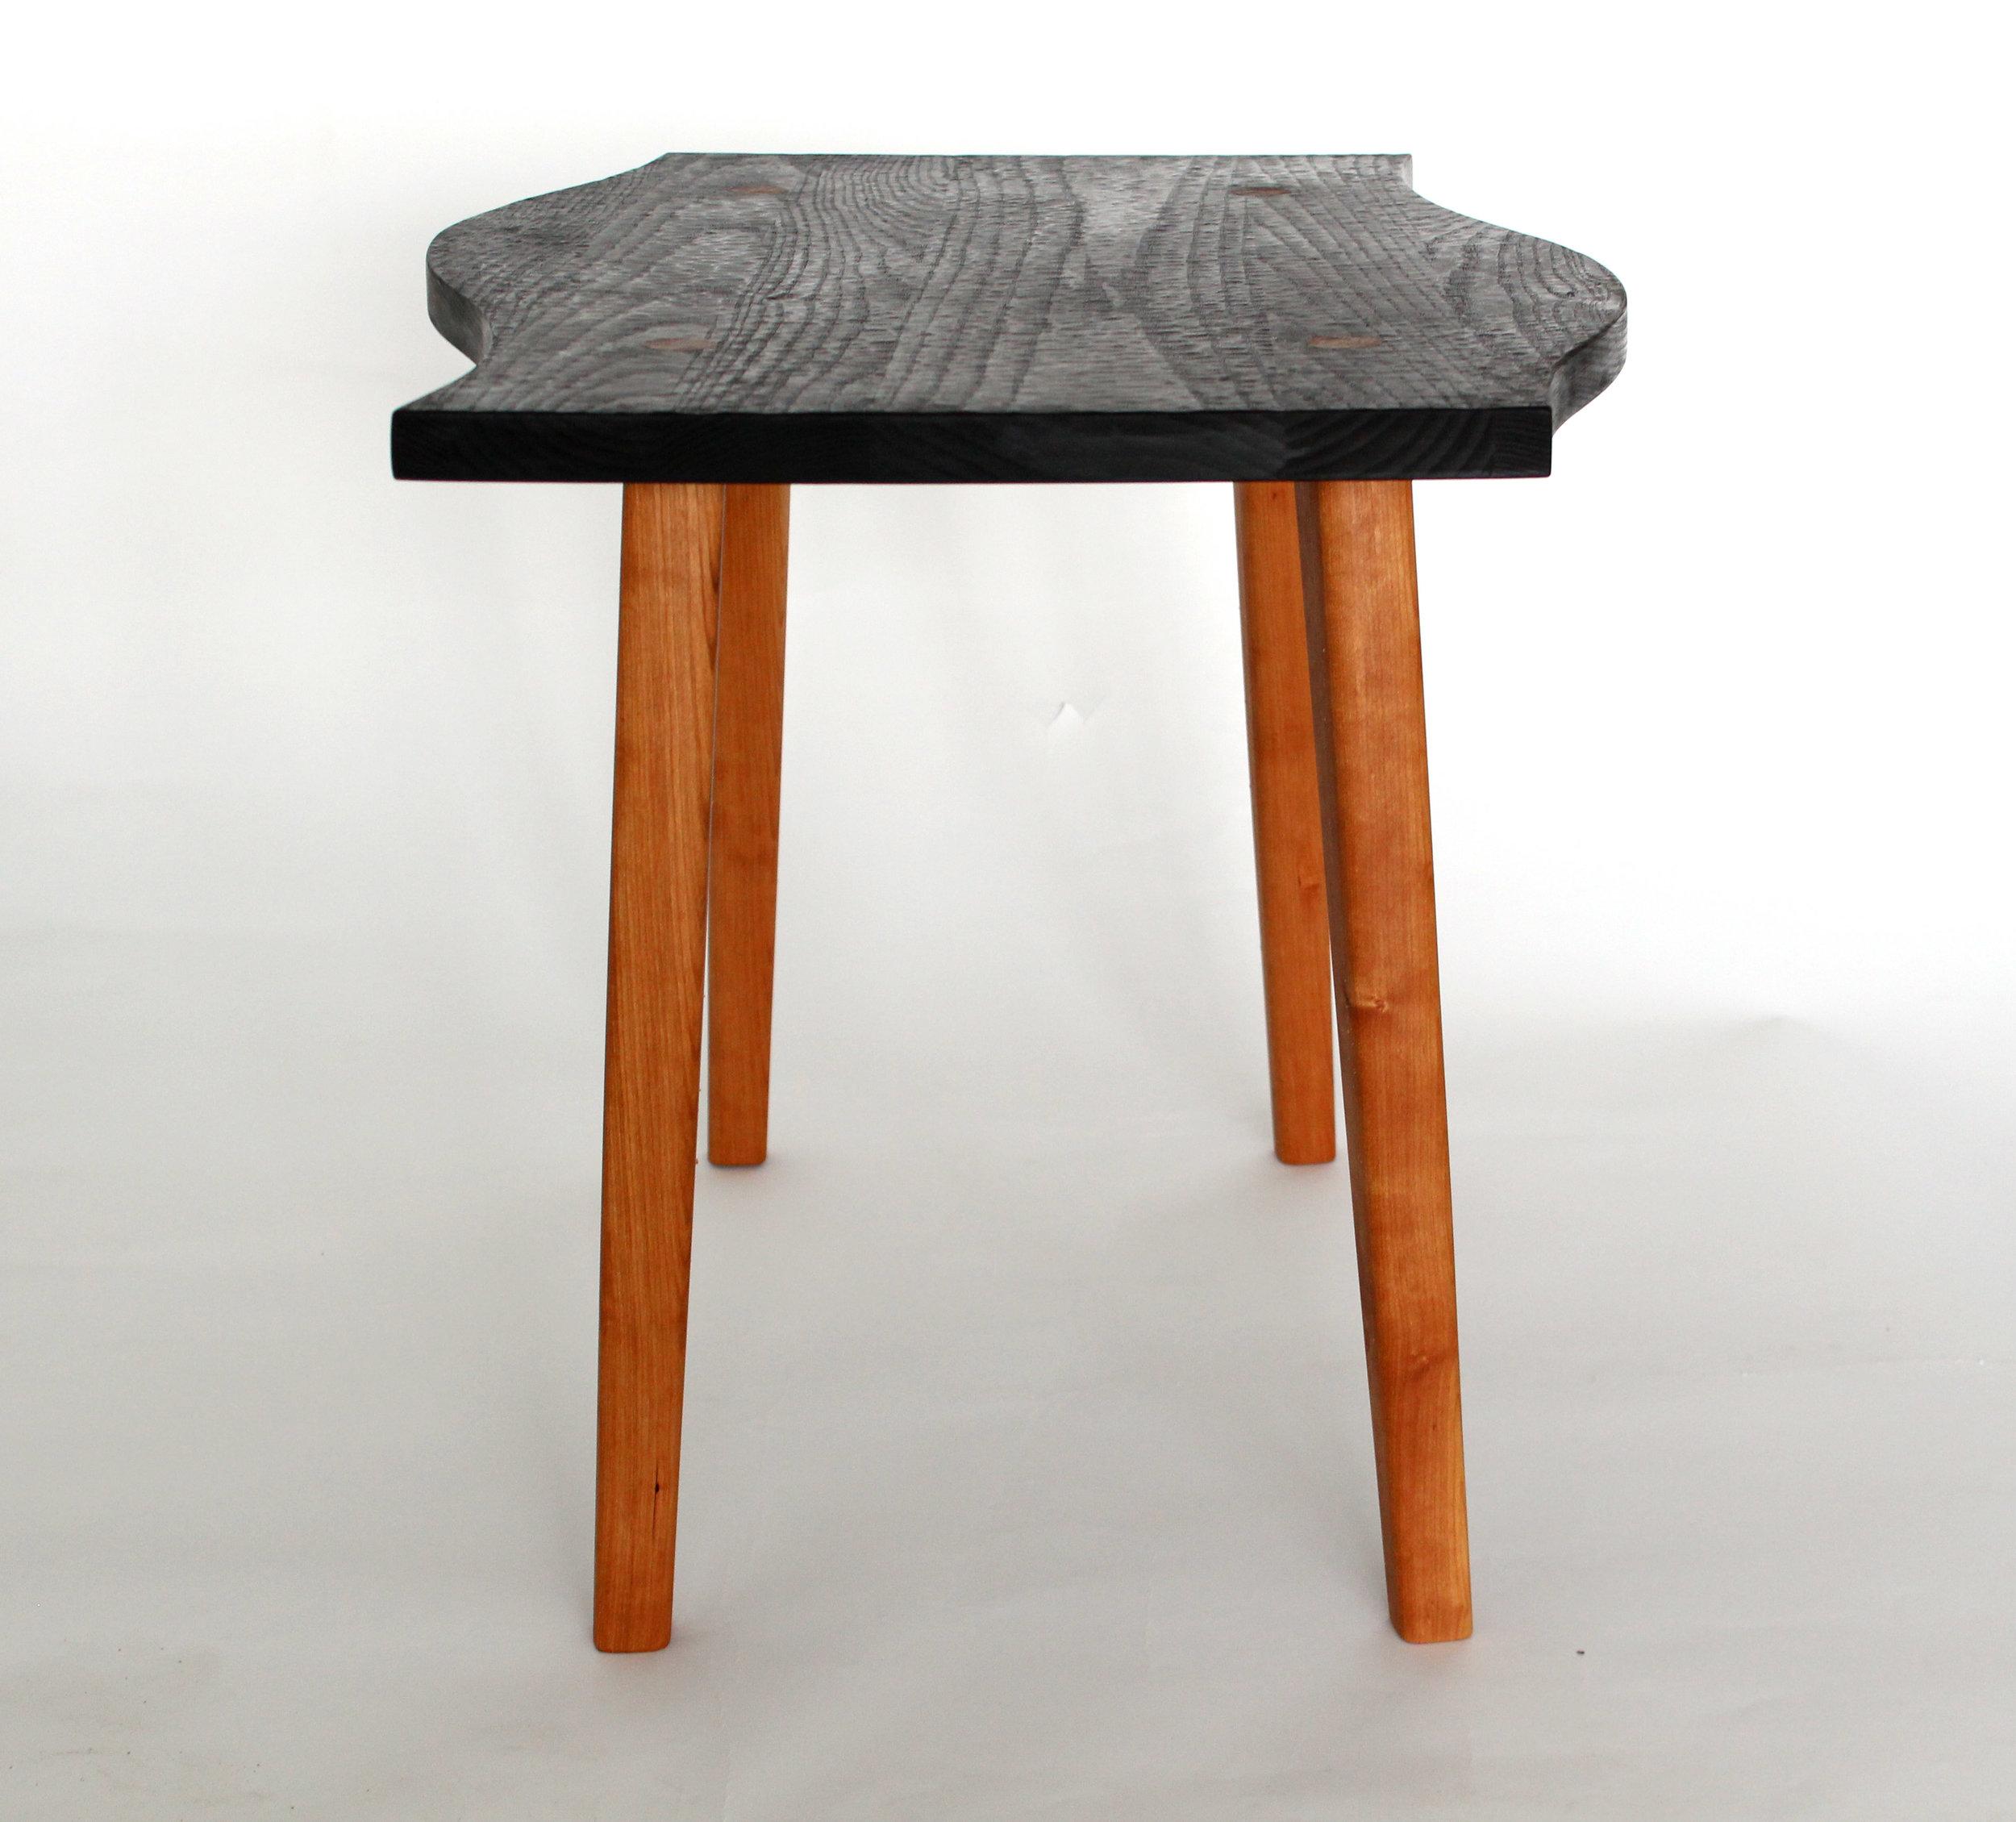 Emma Senft, table, Montréal, custom furniture, mobilier, sur mesure, solid wood, bois, ash, frêne, cerisier, cherry, carved, sculpter à main